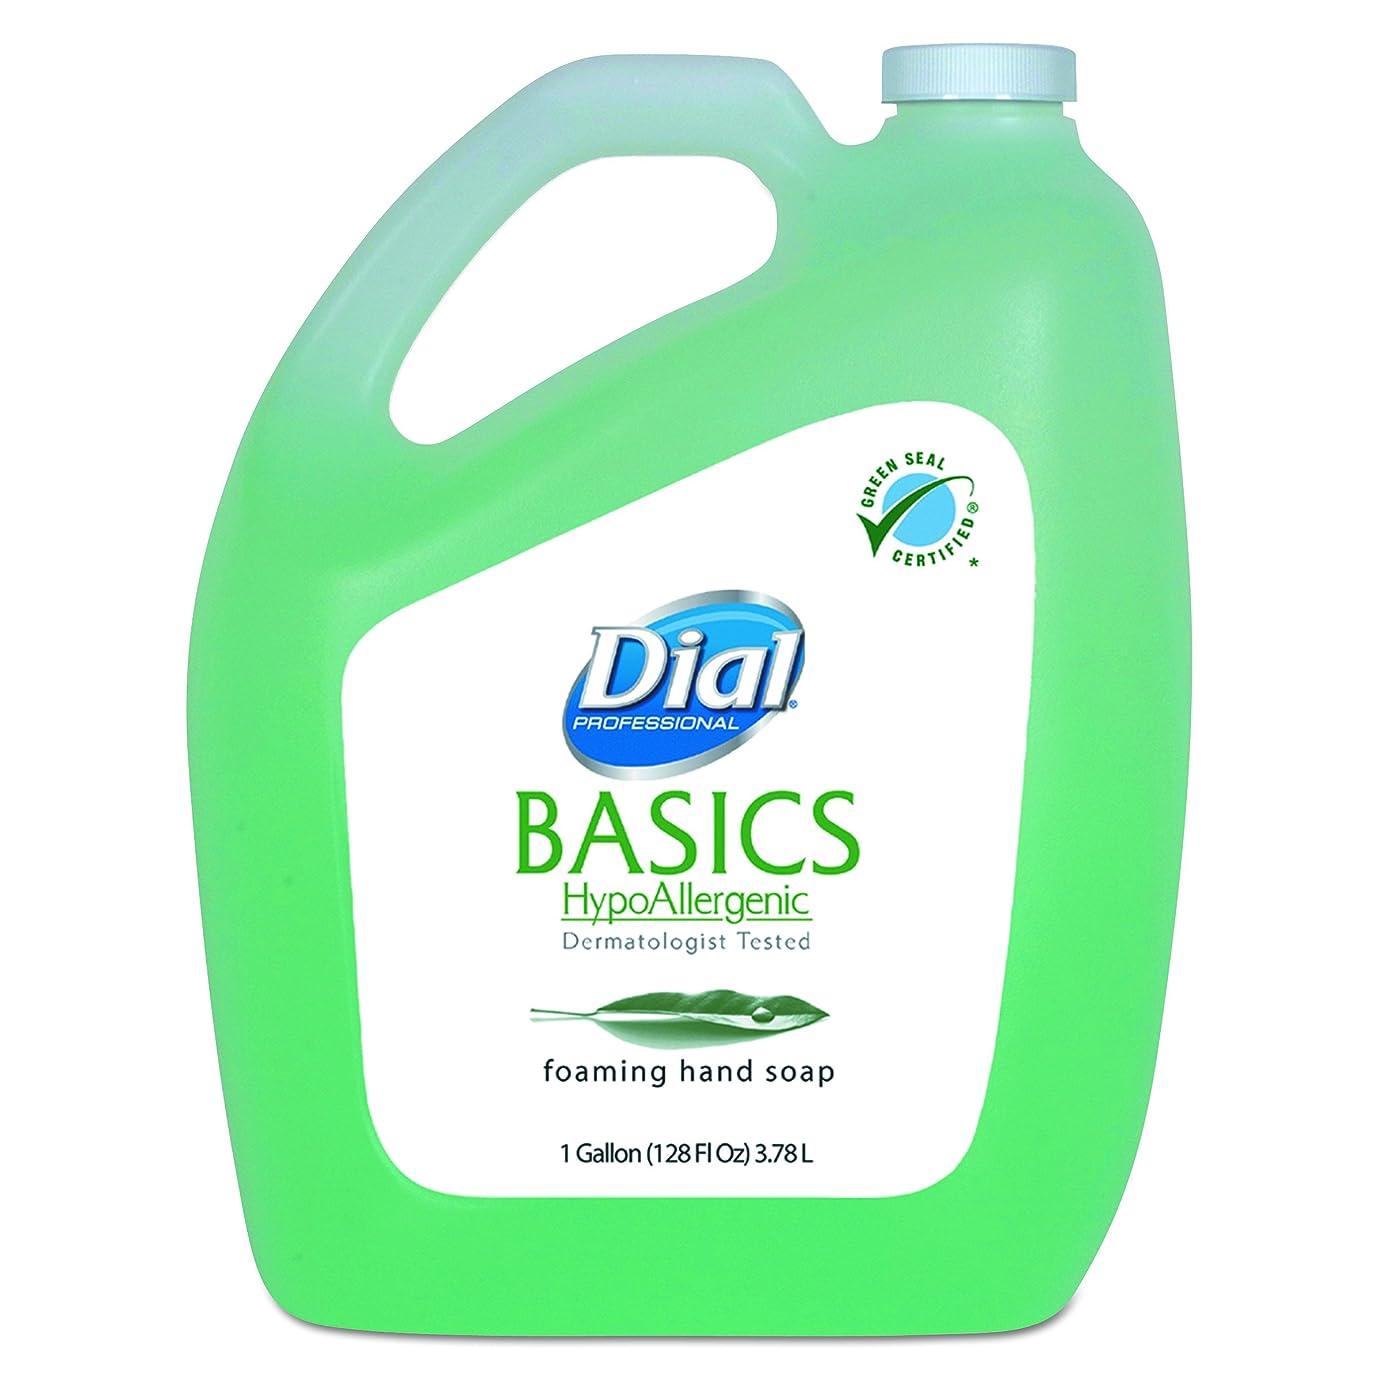 核劣る細部ダイヤルProfessional Basics Foaming Hand Soap、オリジナル、スイカズラ、1ガロンボトル、4?/カートン